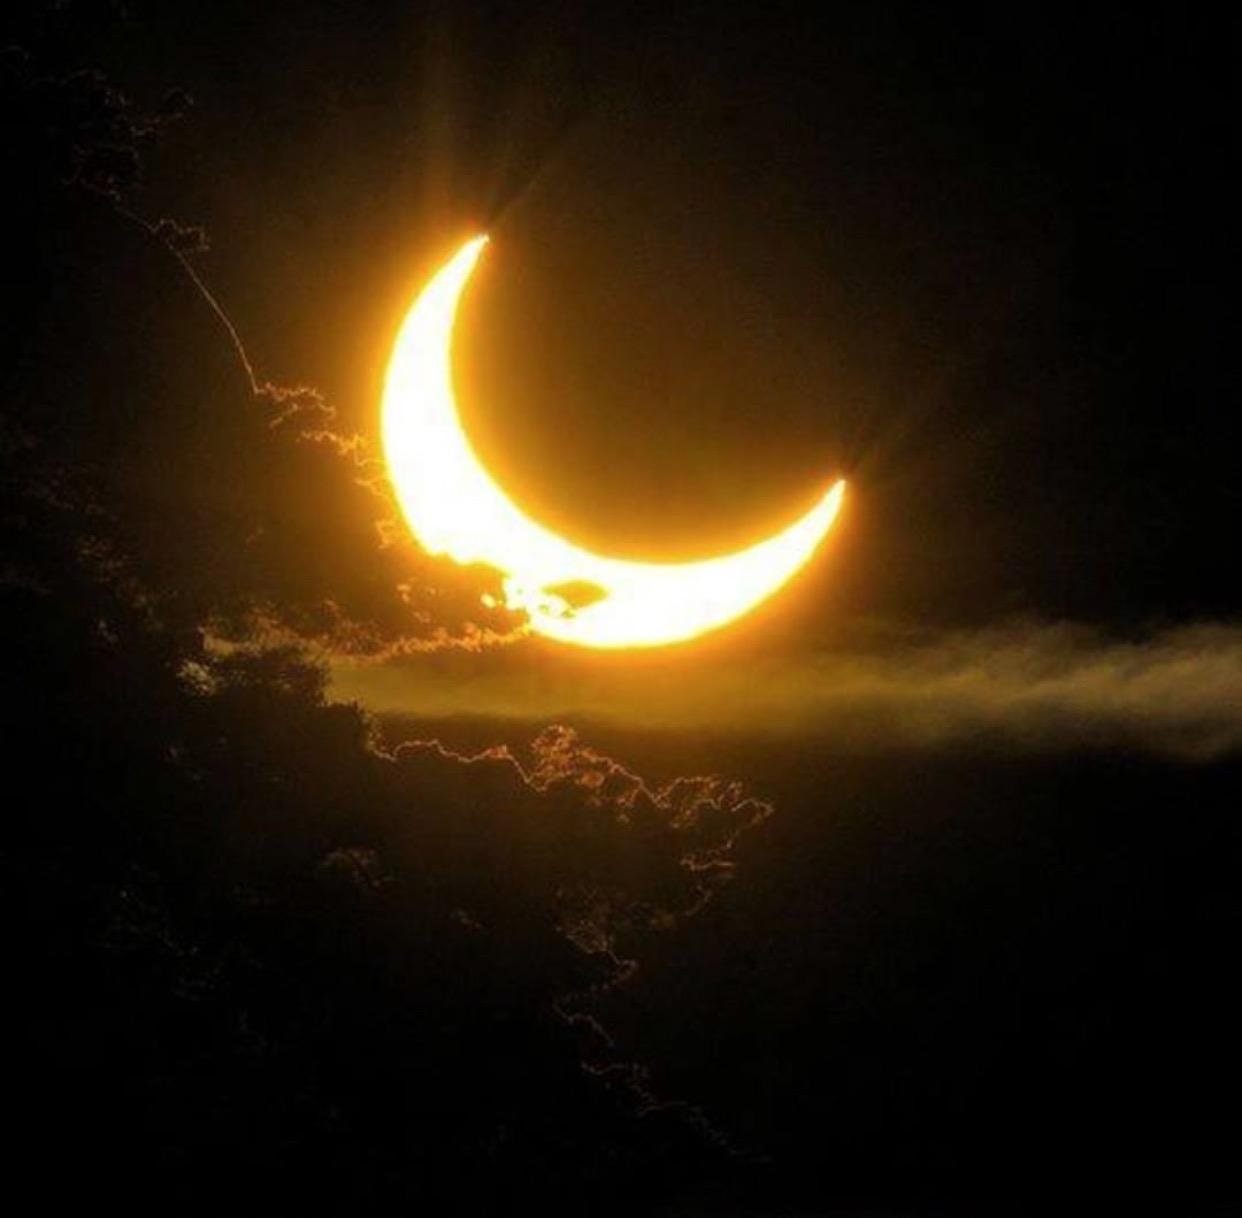 Image via @SolarEclipse_2017